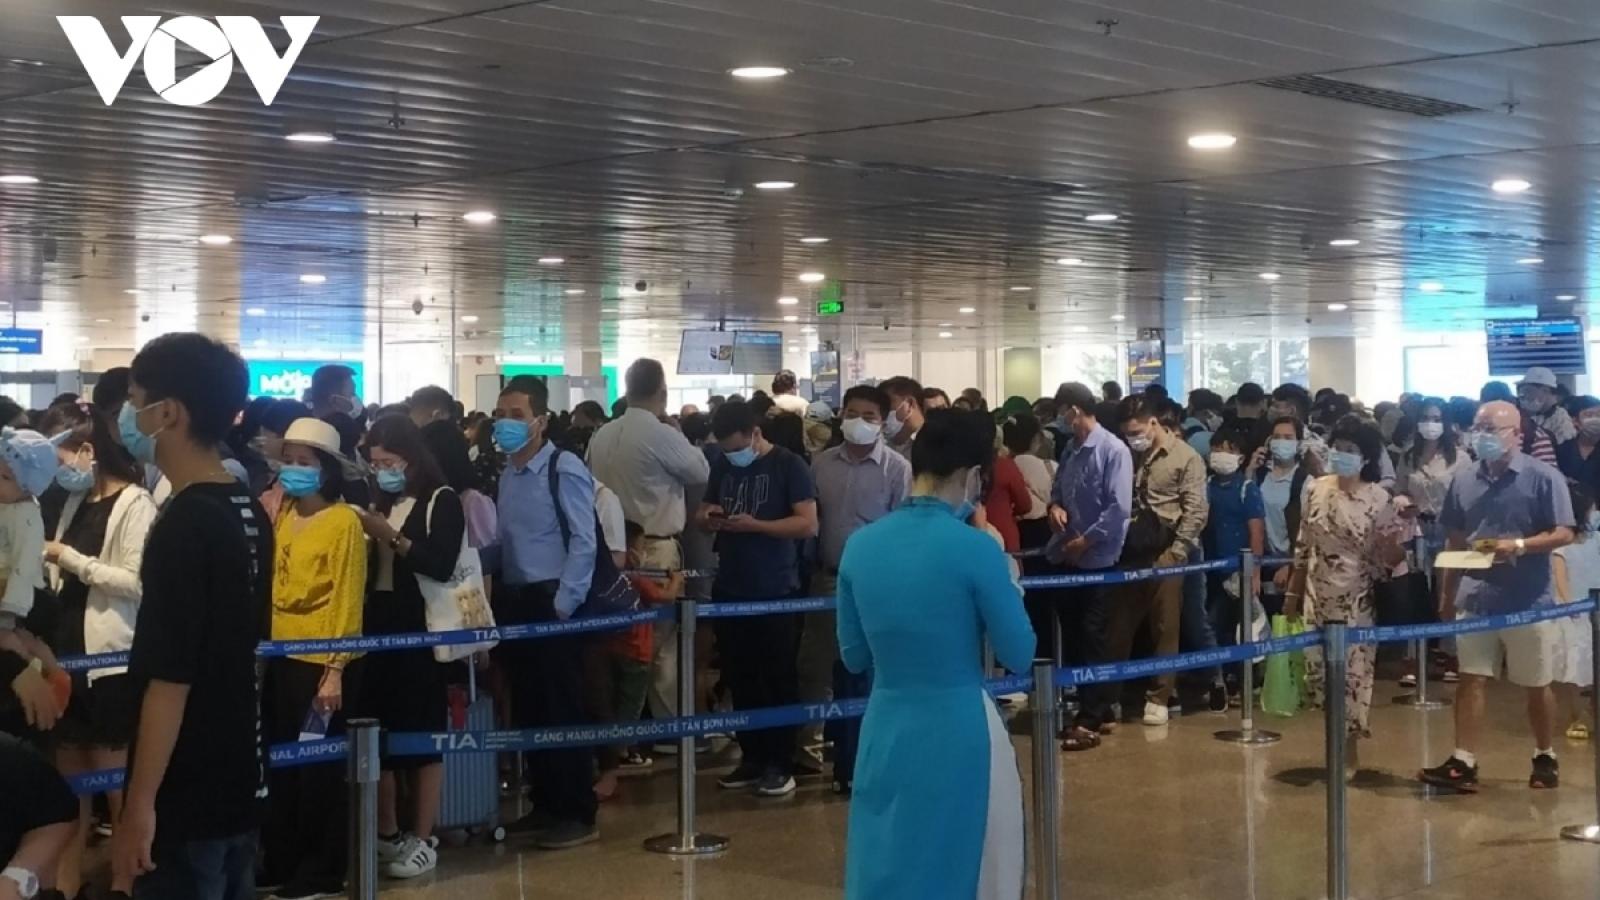 Họp khẩn bàn giải pháp xử lýùn tắc tại sân bay Tân Sơn Nhất